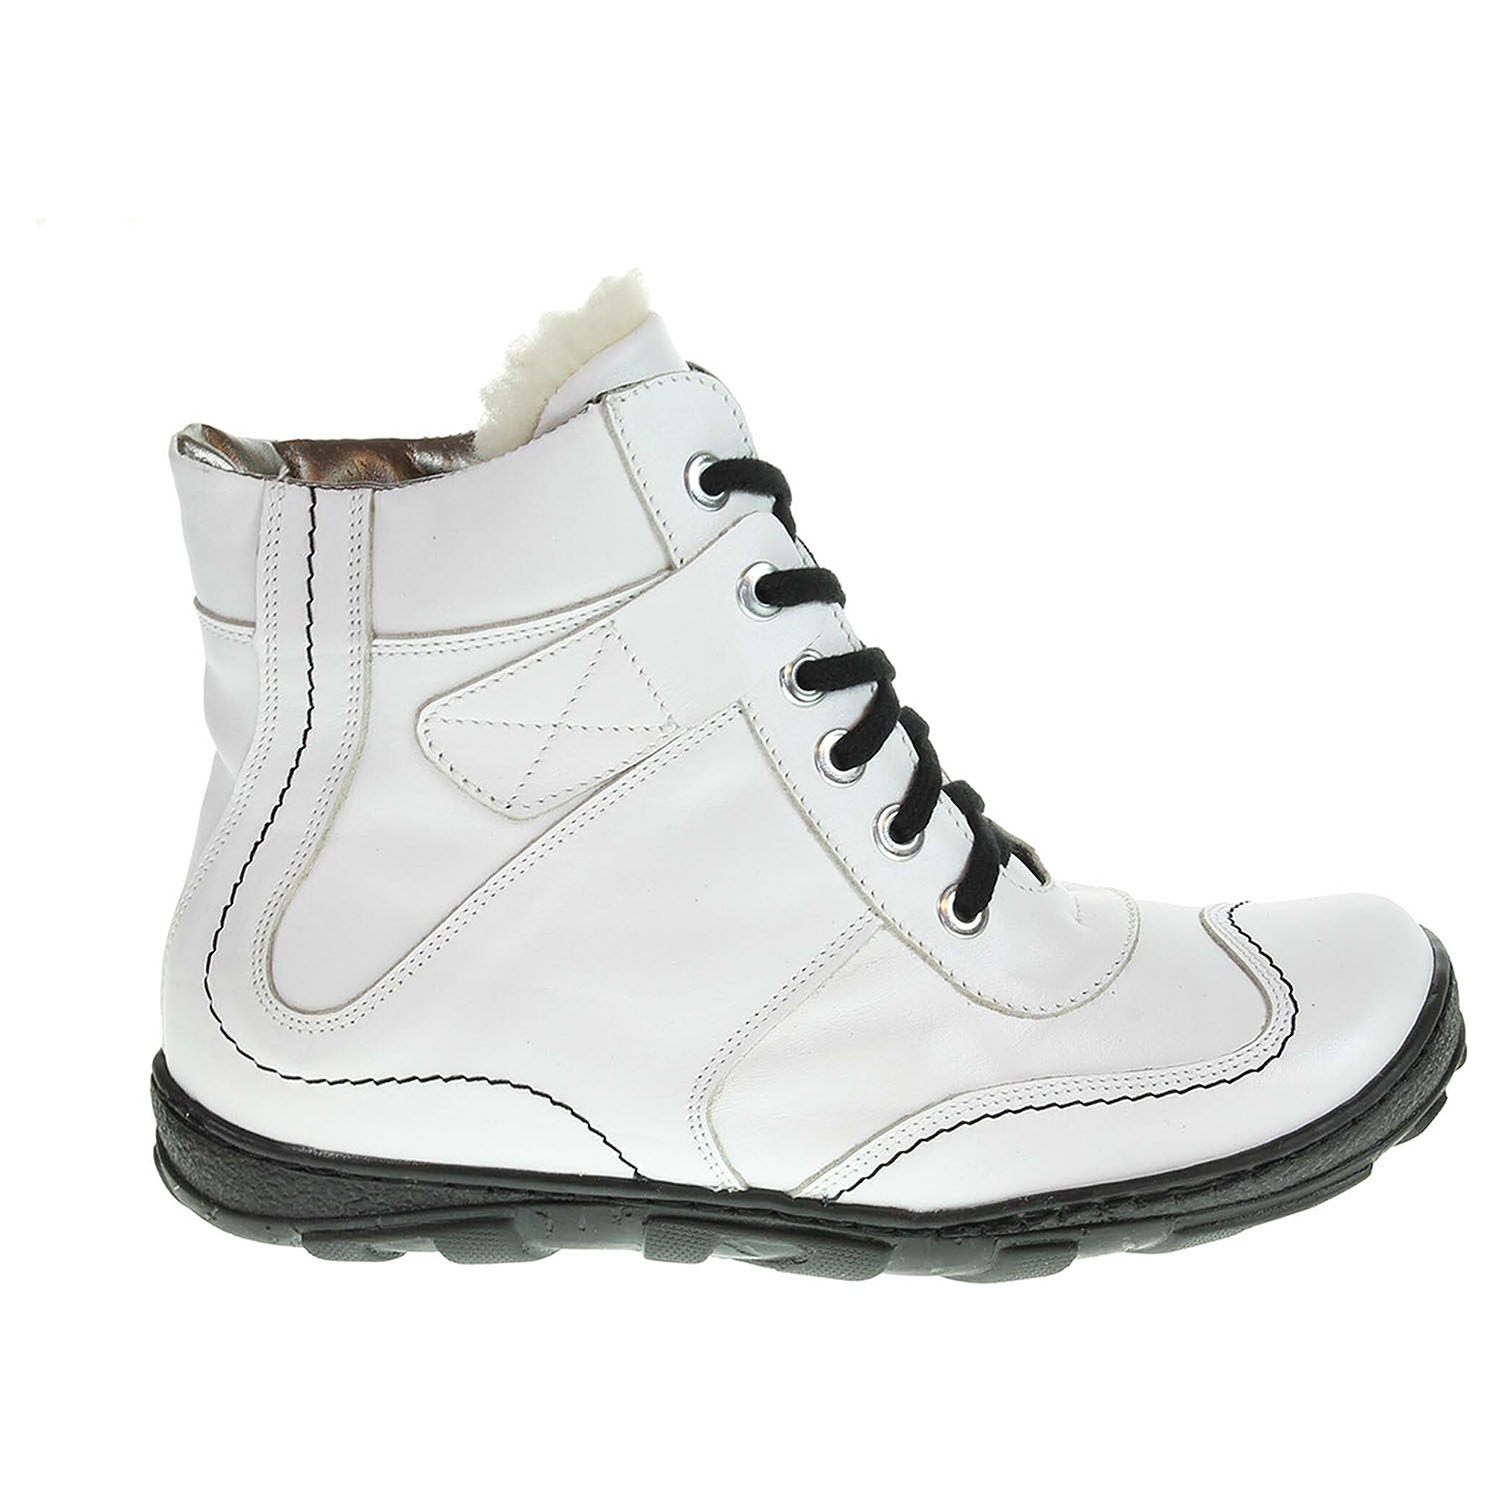 Dámská kotníková obuv 1212 bílá 37